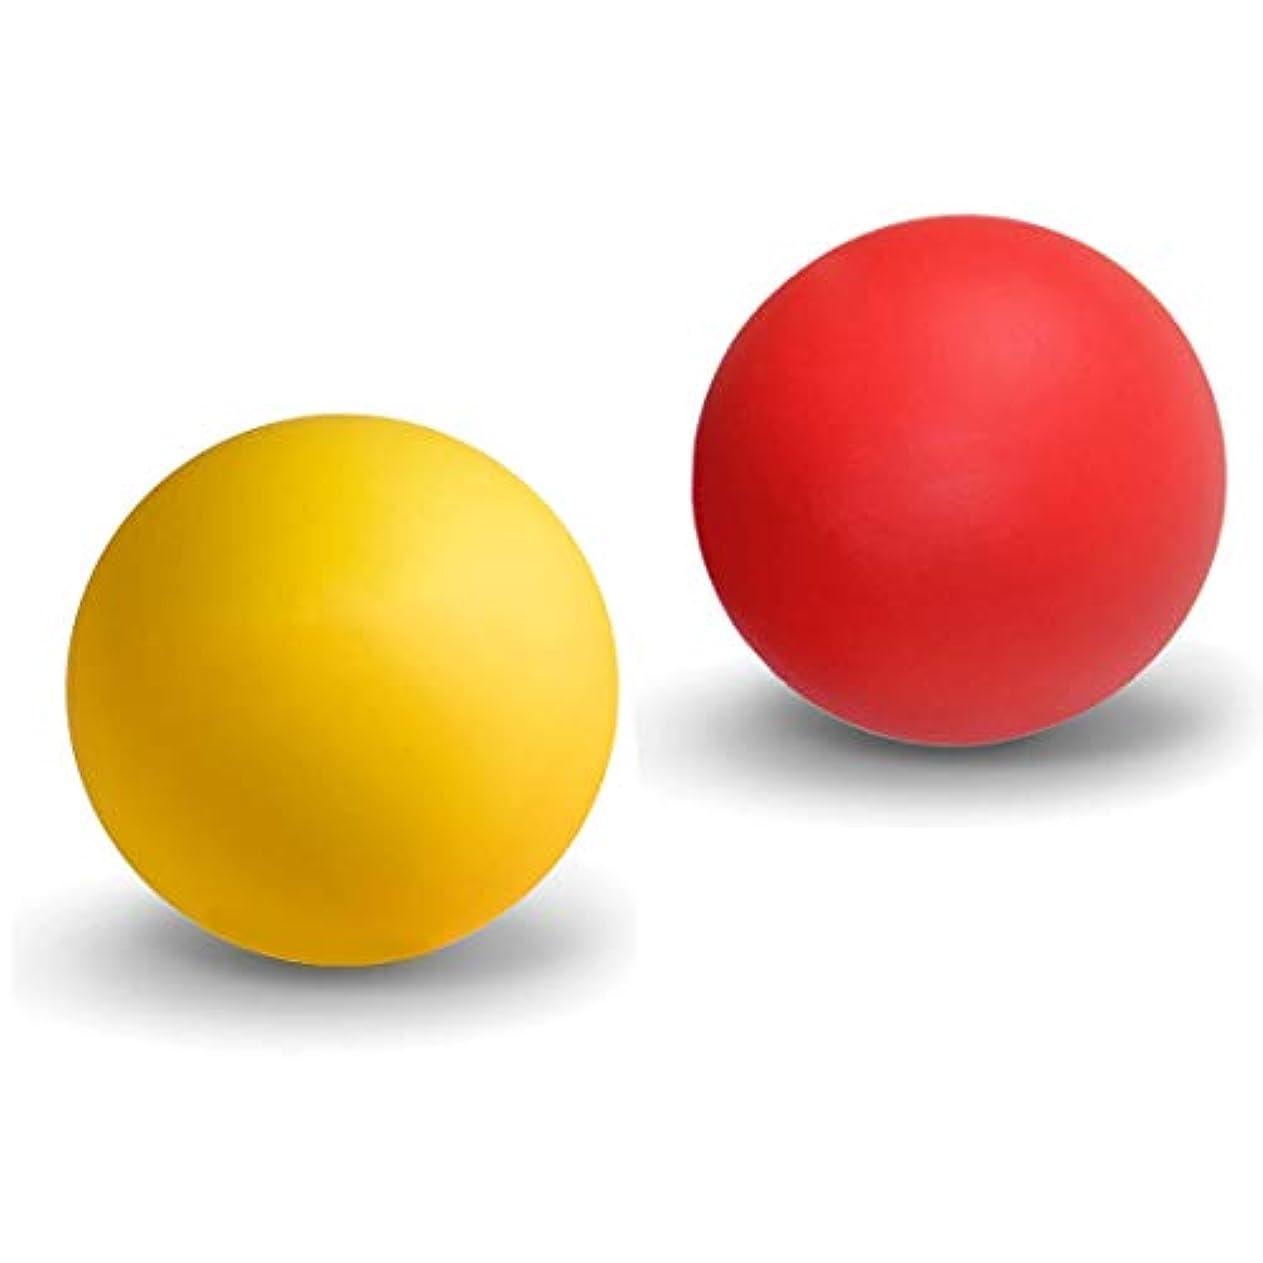 テキストストリップコックマッサージボール ストレッチボール トリガーポイント ラクロスボール 筋膜リリース トレーニング 指圧ボールマッスルマッサージボール 背中 肩こり 腰 ふくらはぎ 足裏 ツボ押しグッズ 2で1組み合わせ 2個 セット